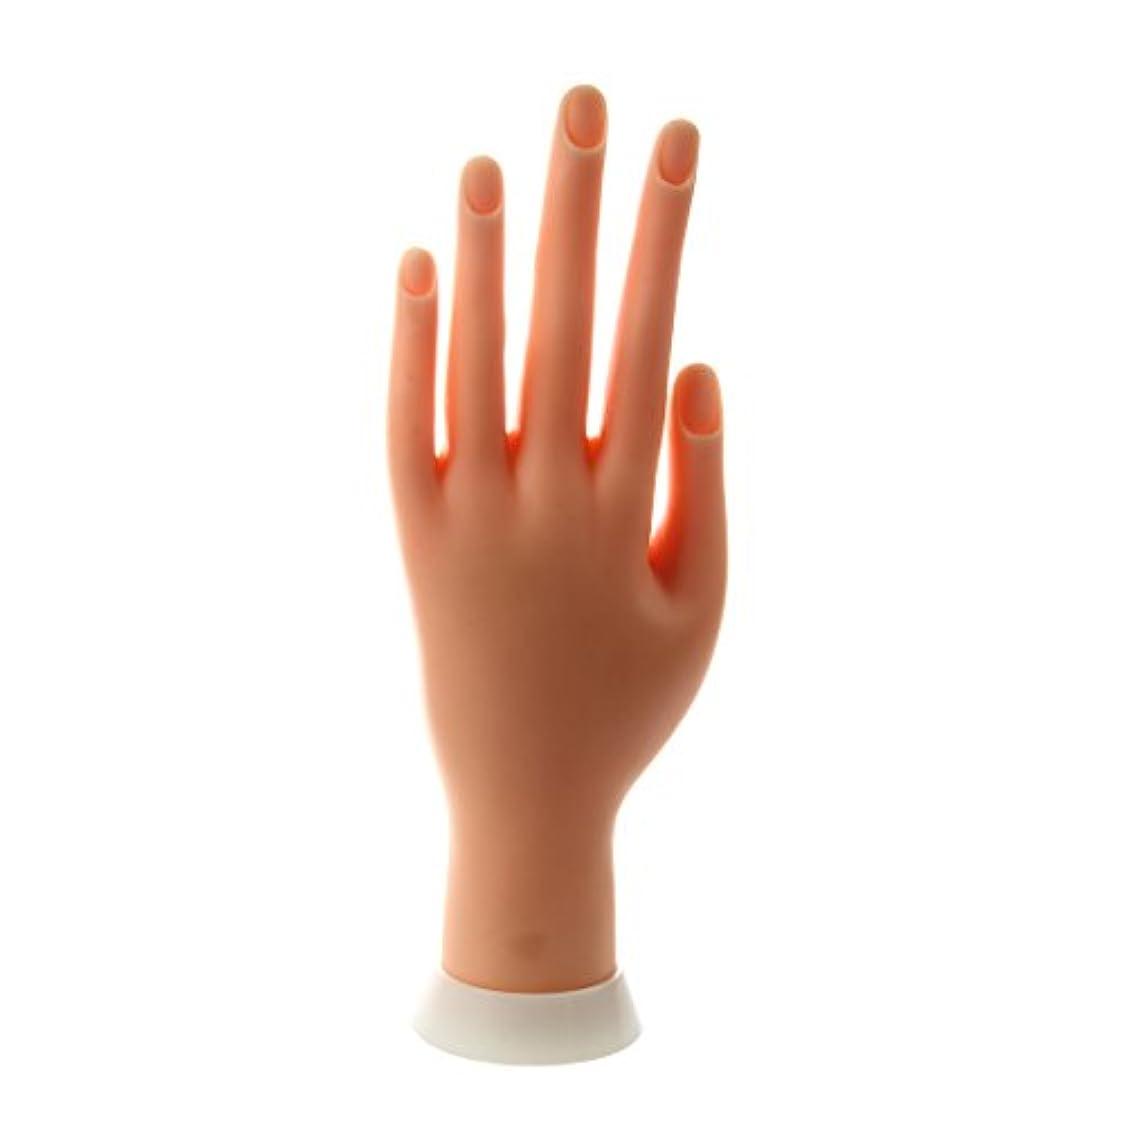 なる中絶ペインSODIAL(R) ネイルアートの練習のためのモデル左手